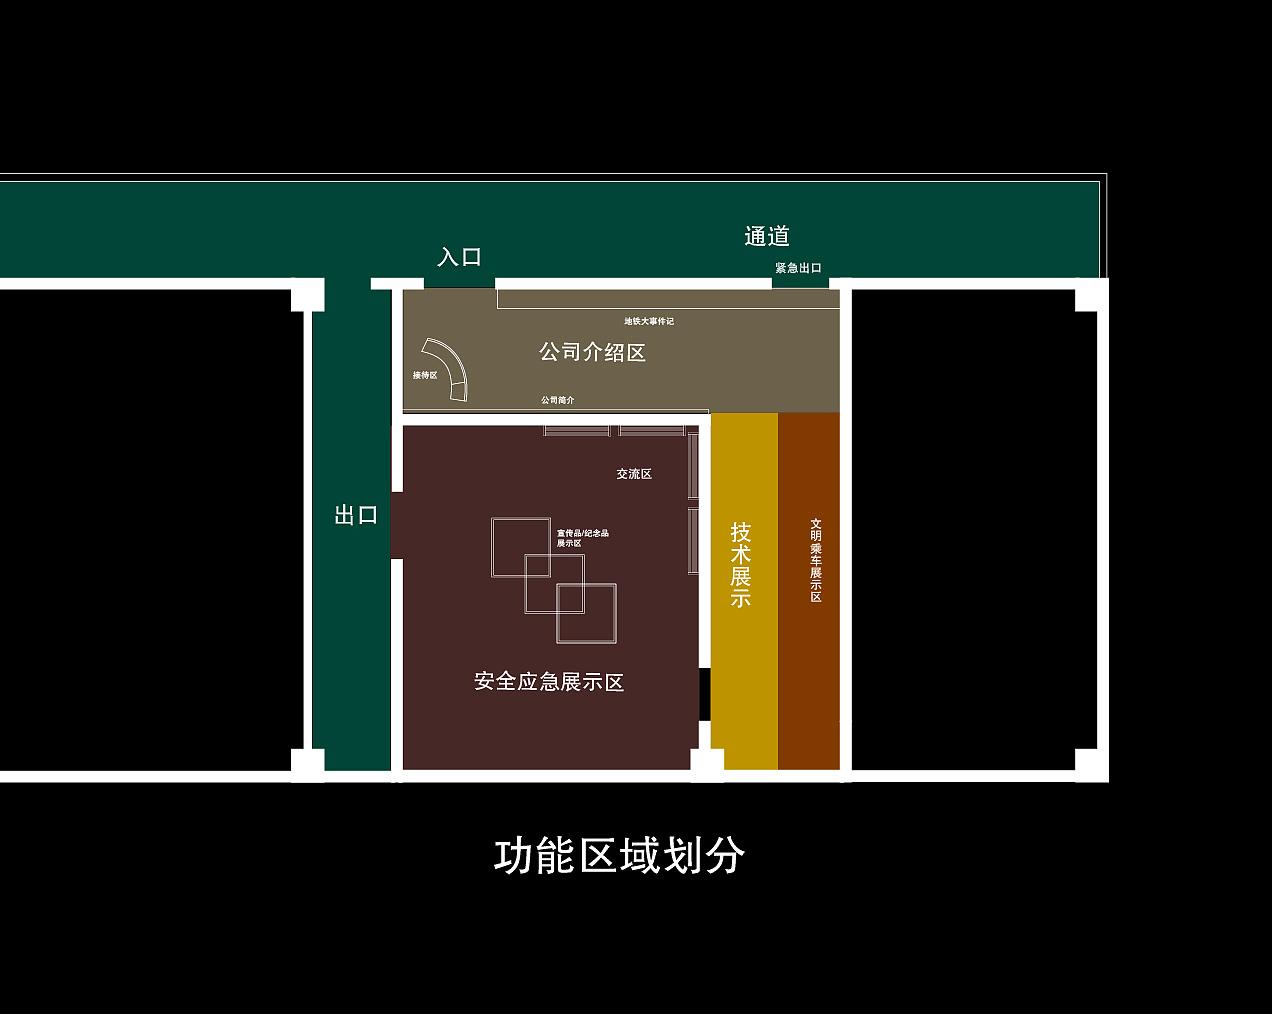 广州展厅运营地铁 景观 室内设计 hezhou0426空间设计部管理图片